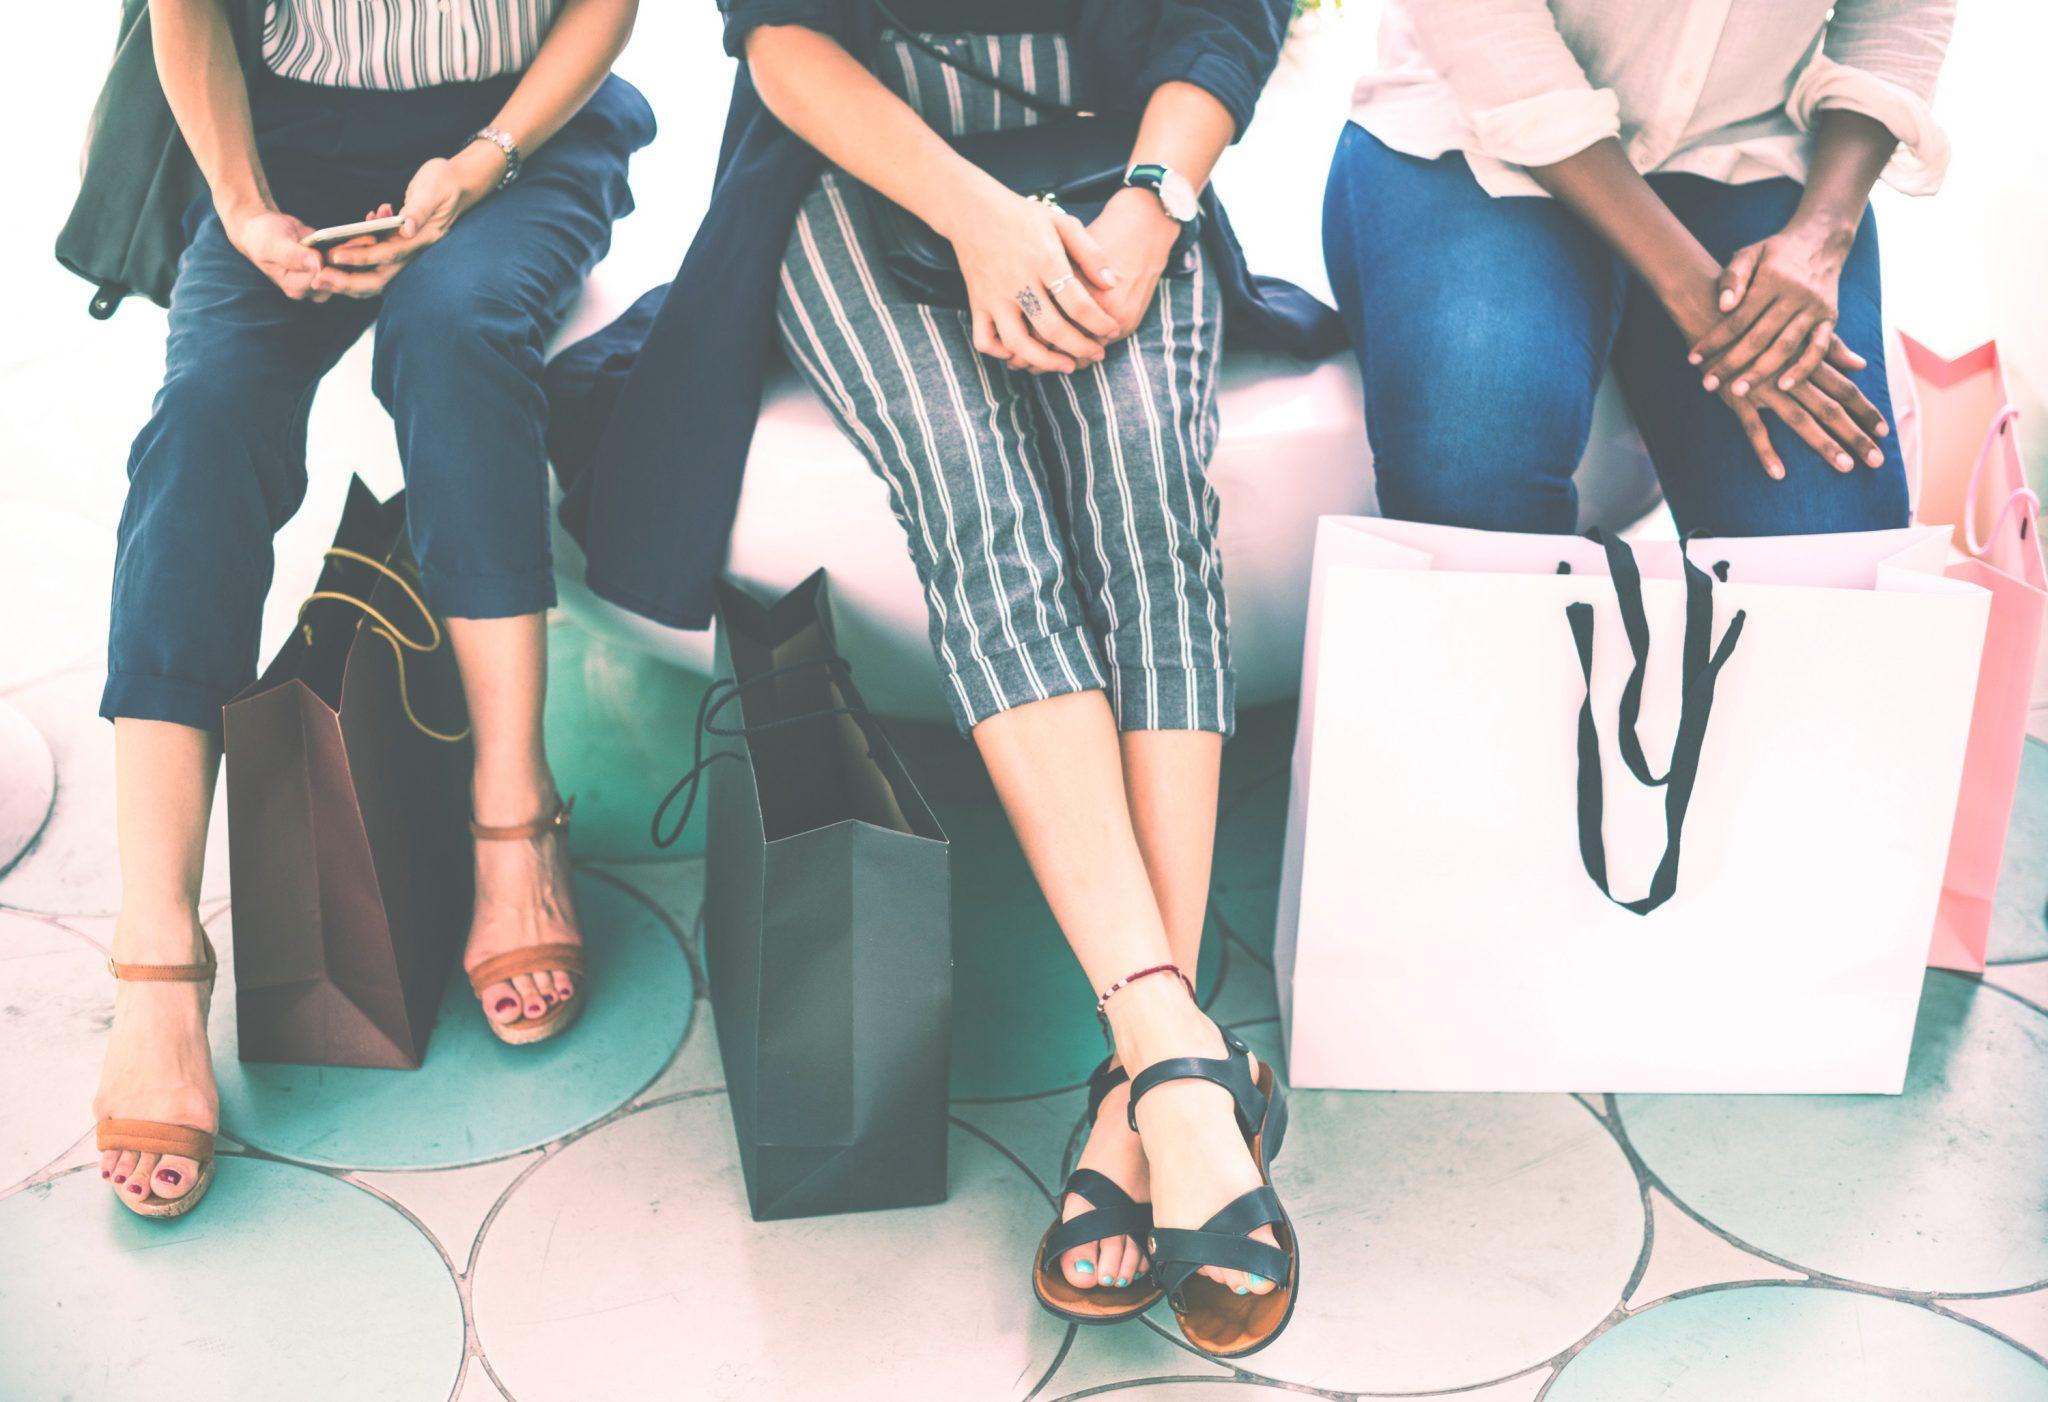 mulheres com sacolas